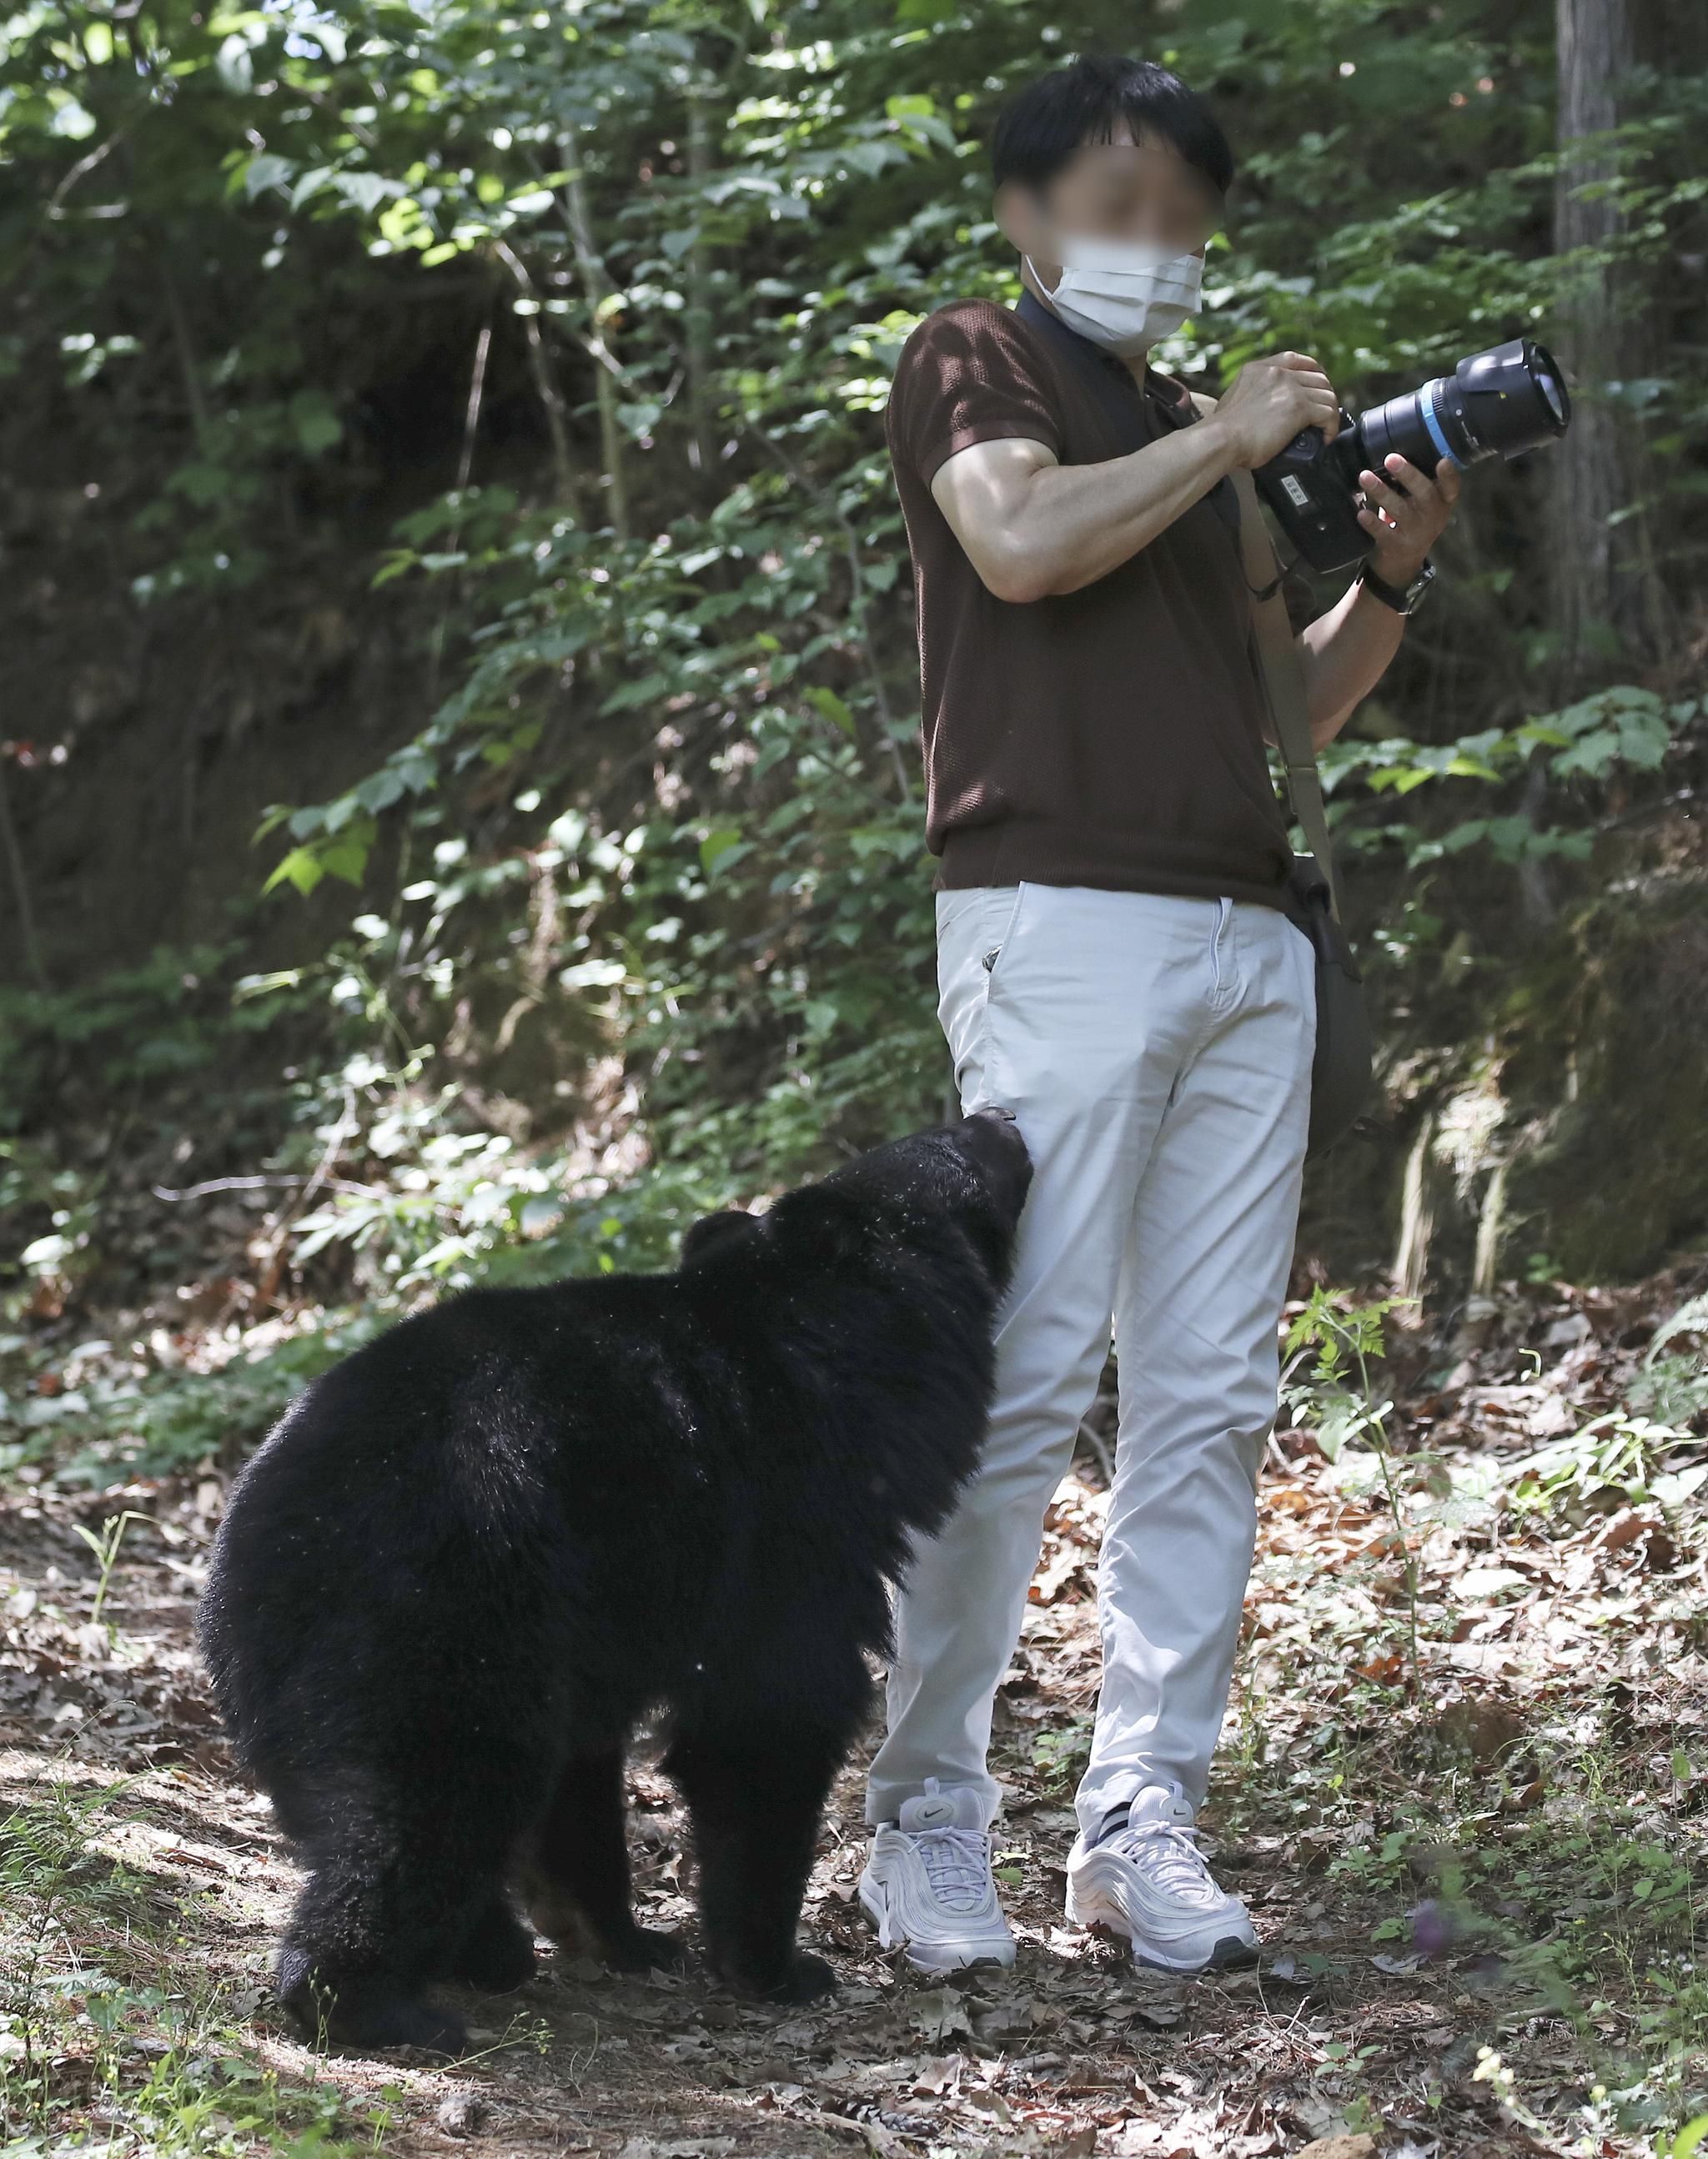 19일 오후 울산 울주군 범서읍 한 농장 인근에 반달곰으로 추정되는 곰이 나타나 취재하던 한 언론사 사진기자에게 다가갔다. 뉴스1